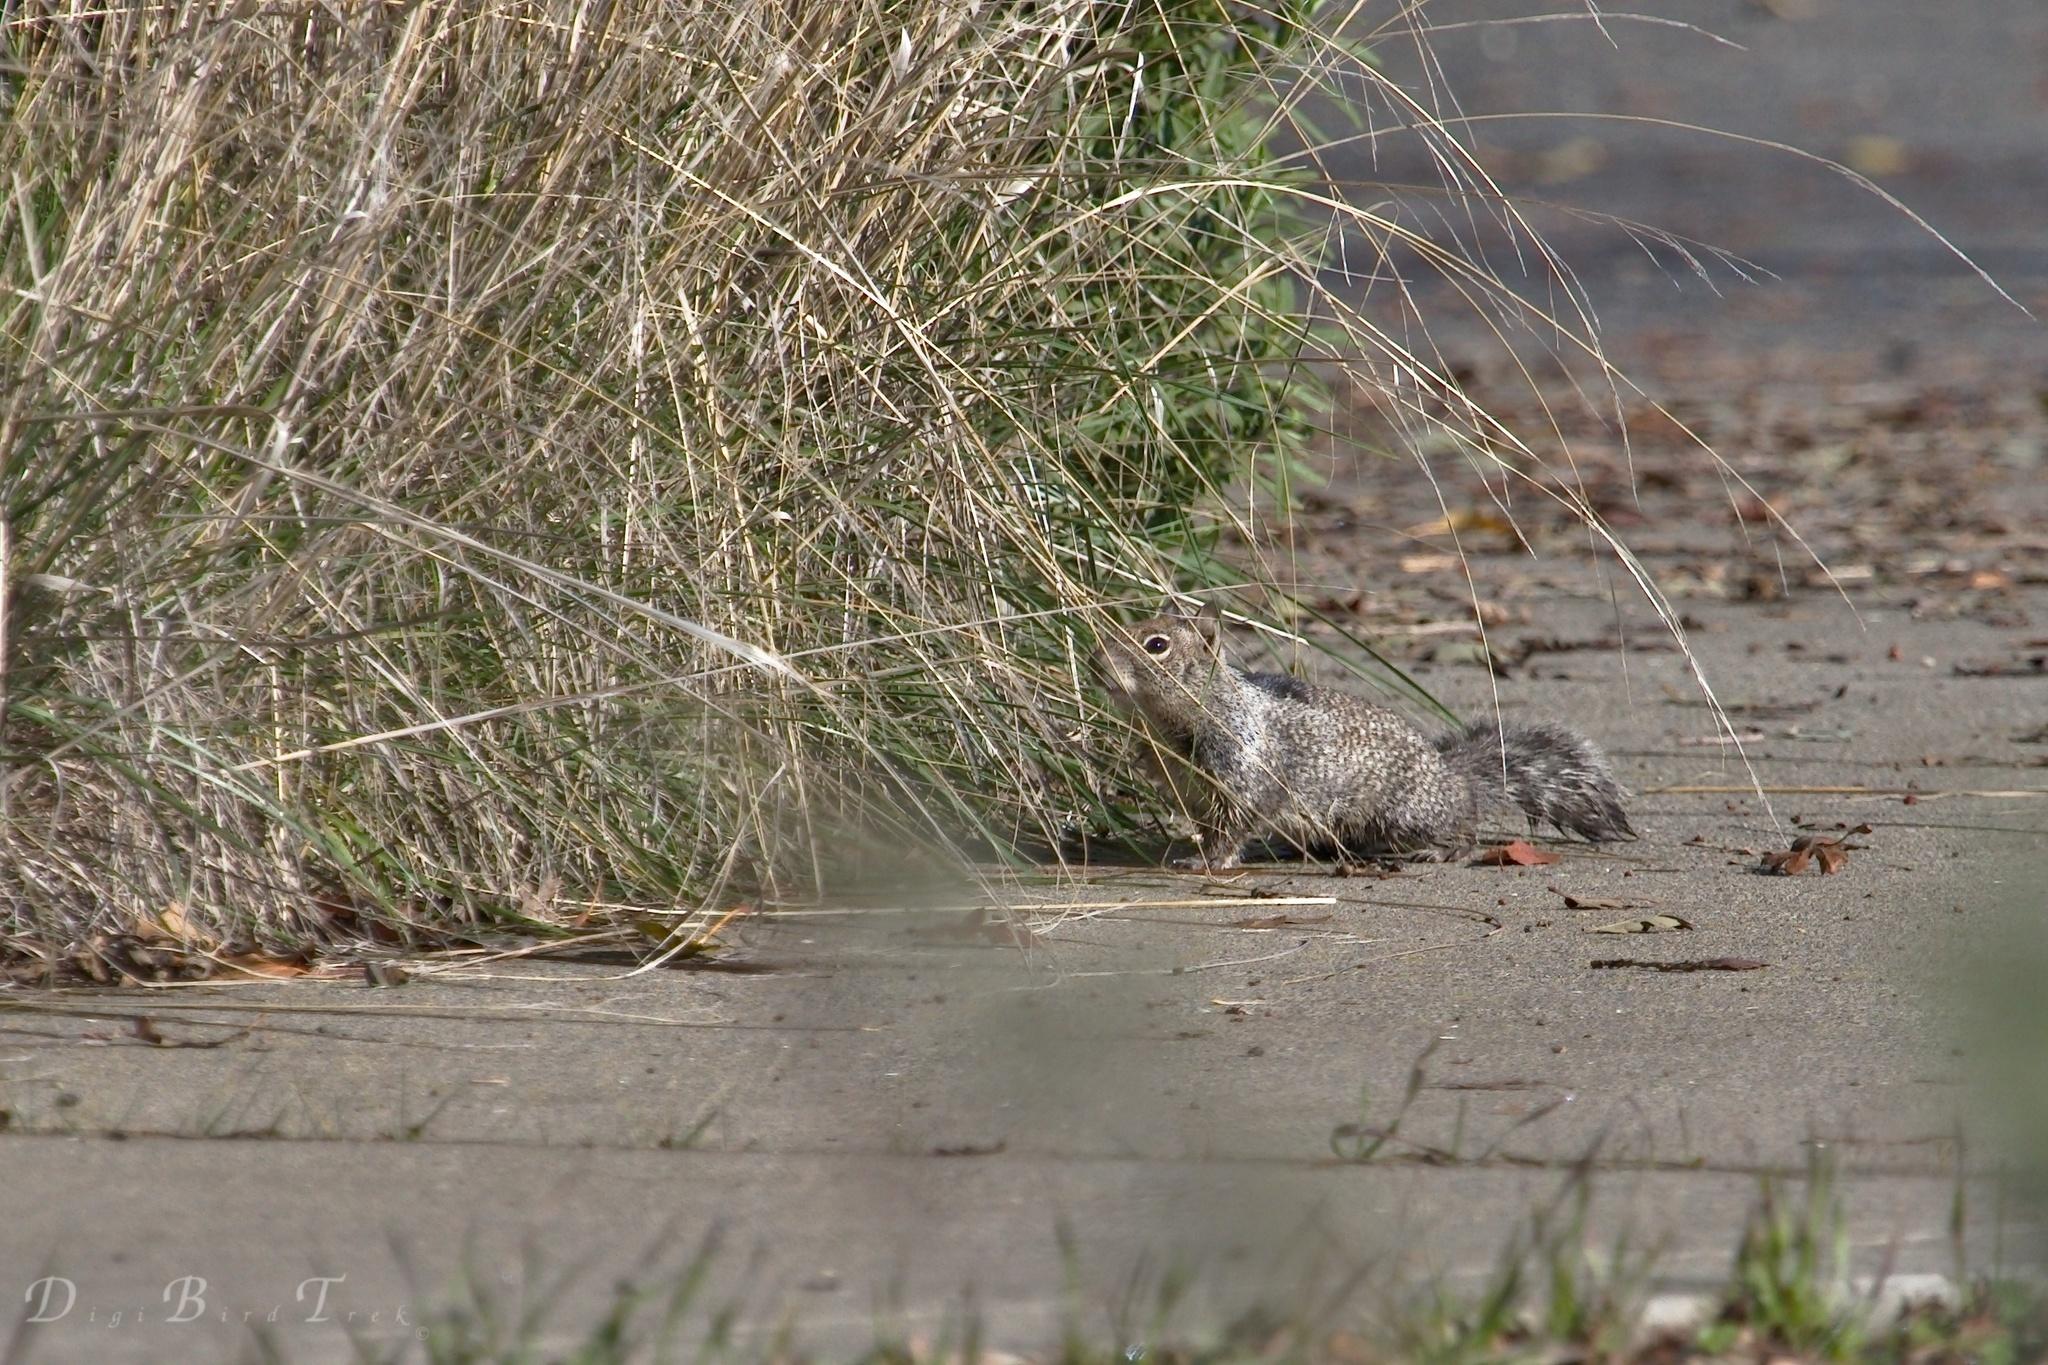 Image of California ground squirrel